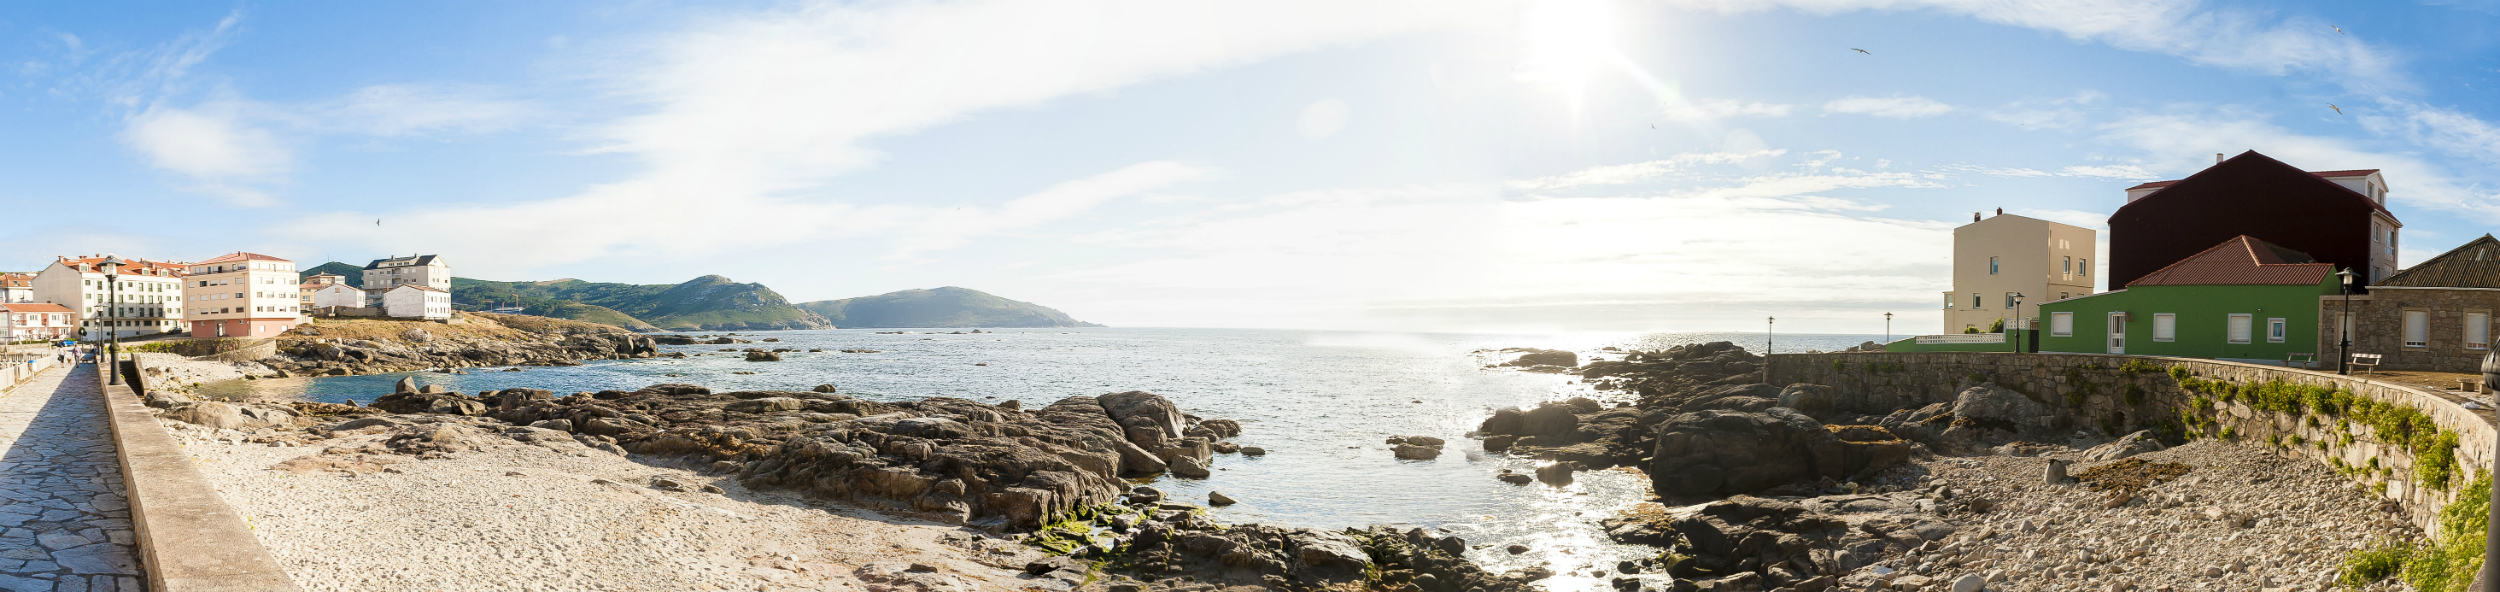 Vista panorámica en Muxía, A Coruña